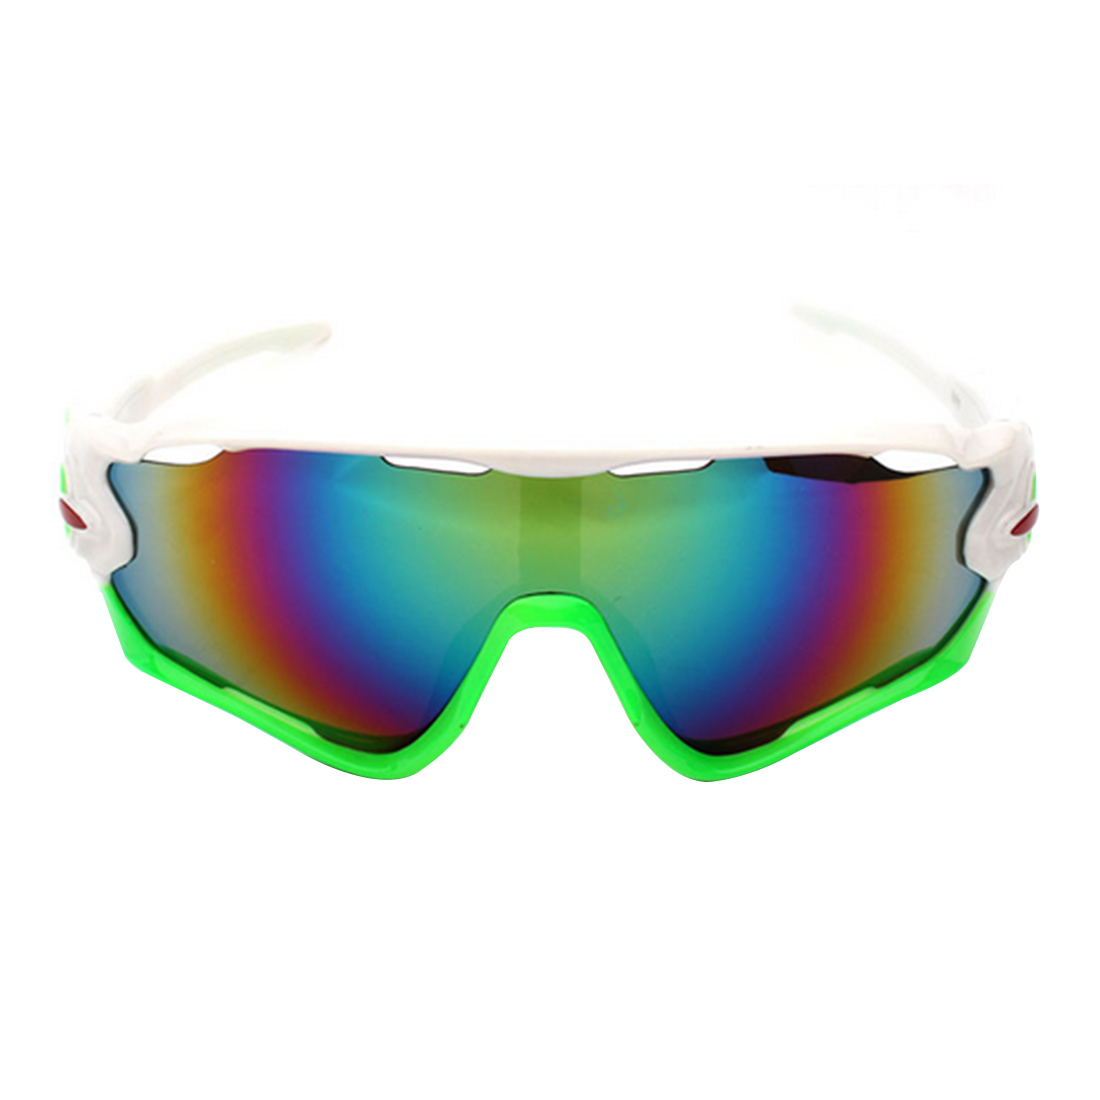 14 Цвет Ночное видение Профессиональный Рыбалка очки активного отдыха, Лыжный Спорт Велоспорт Ветер, очки Лидер продаж